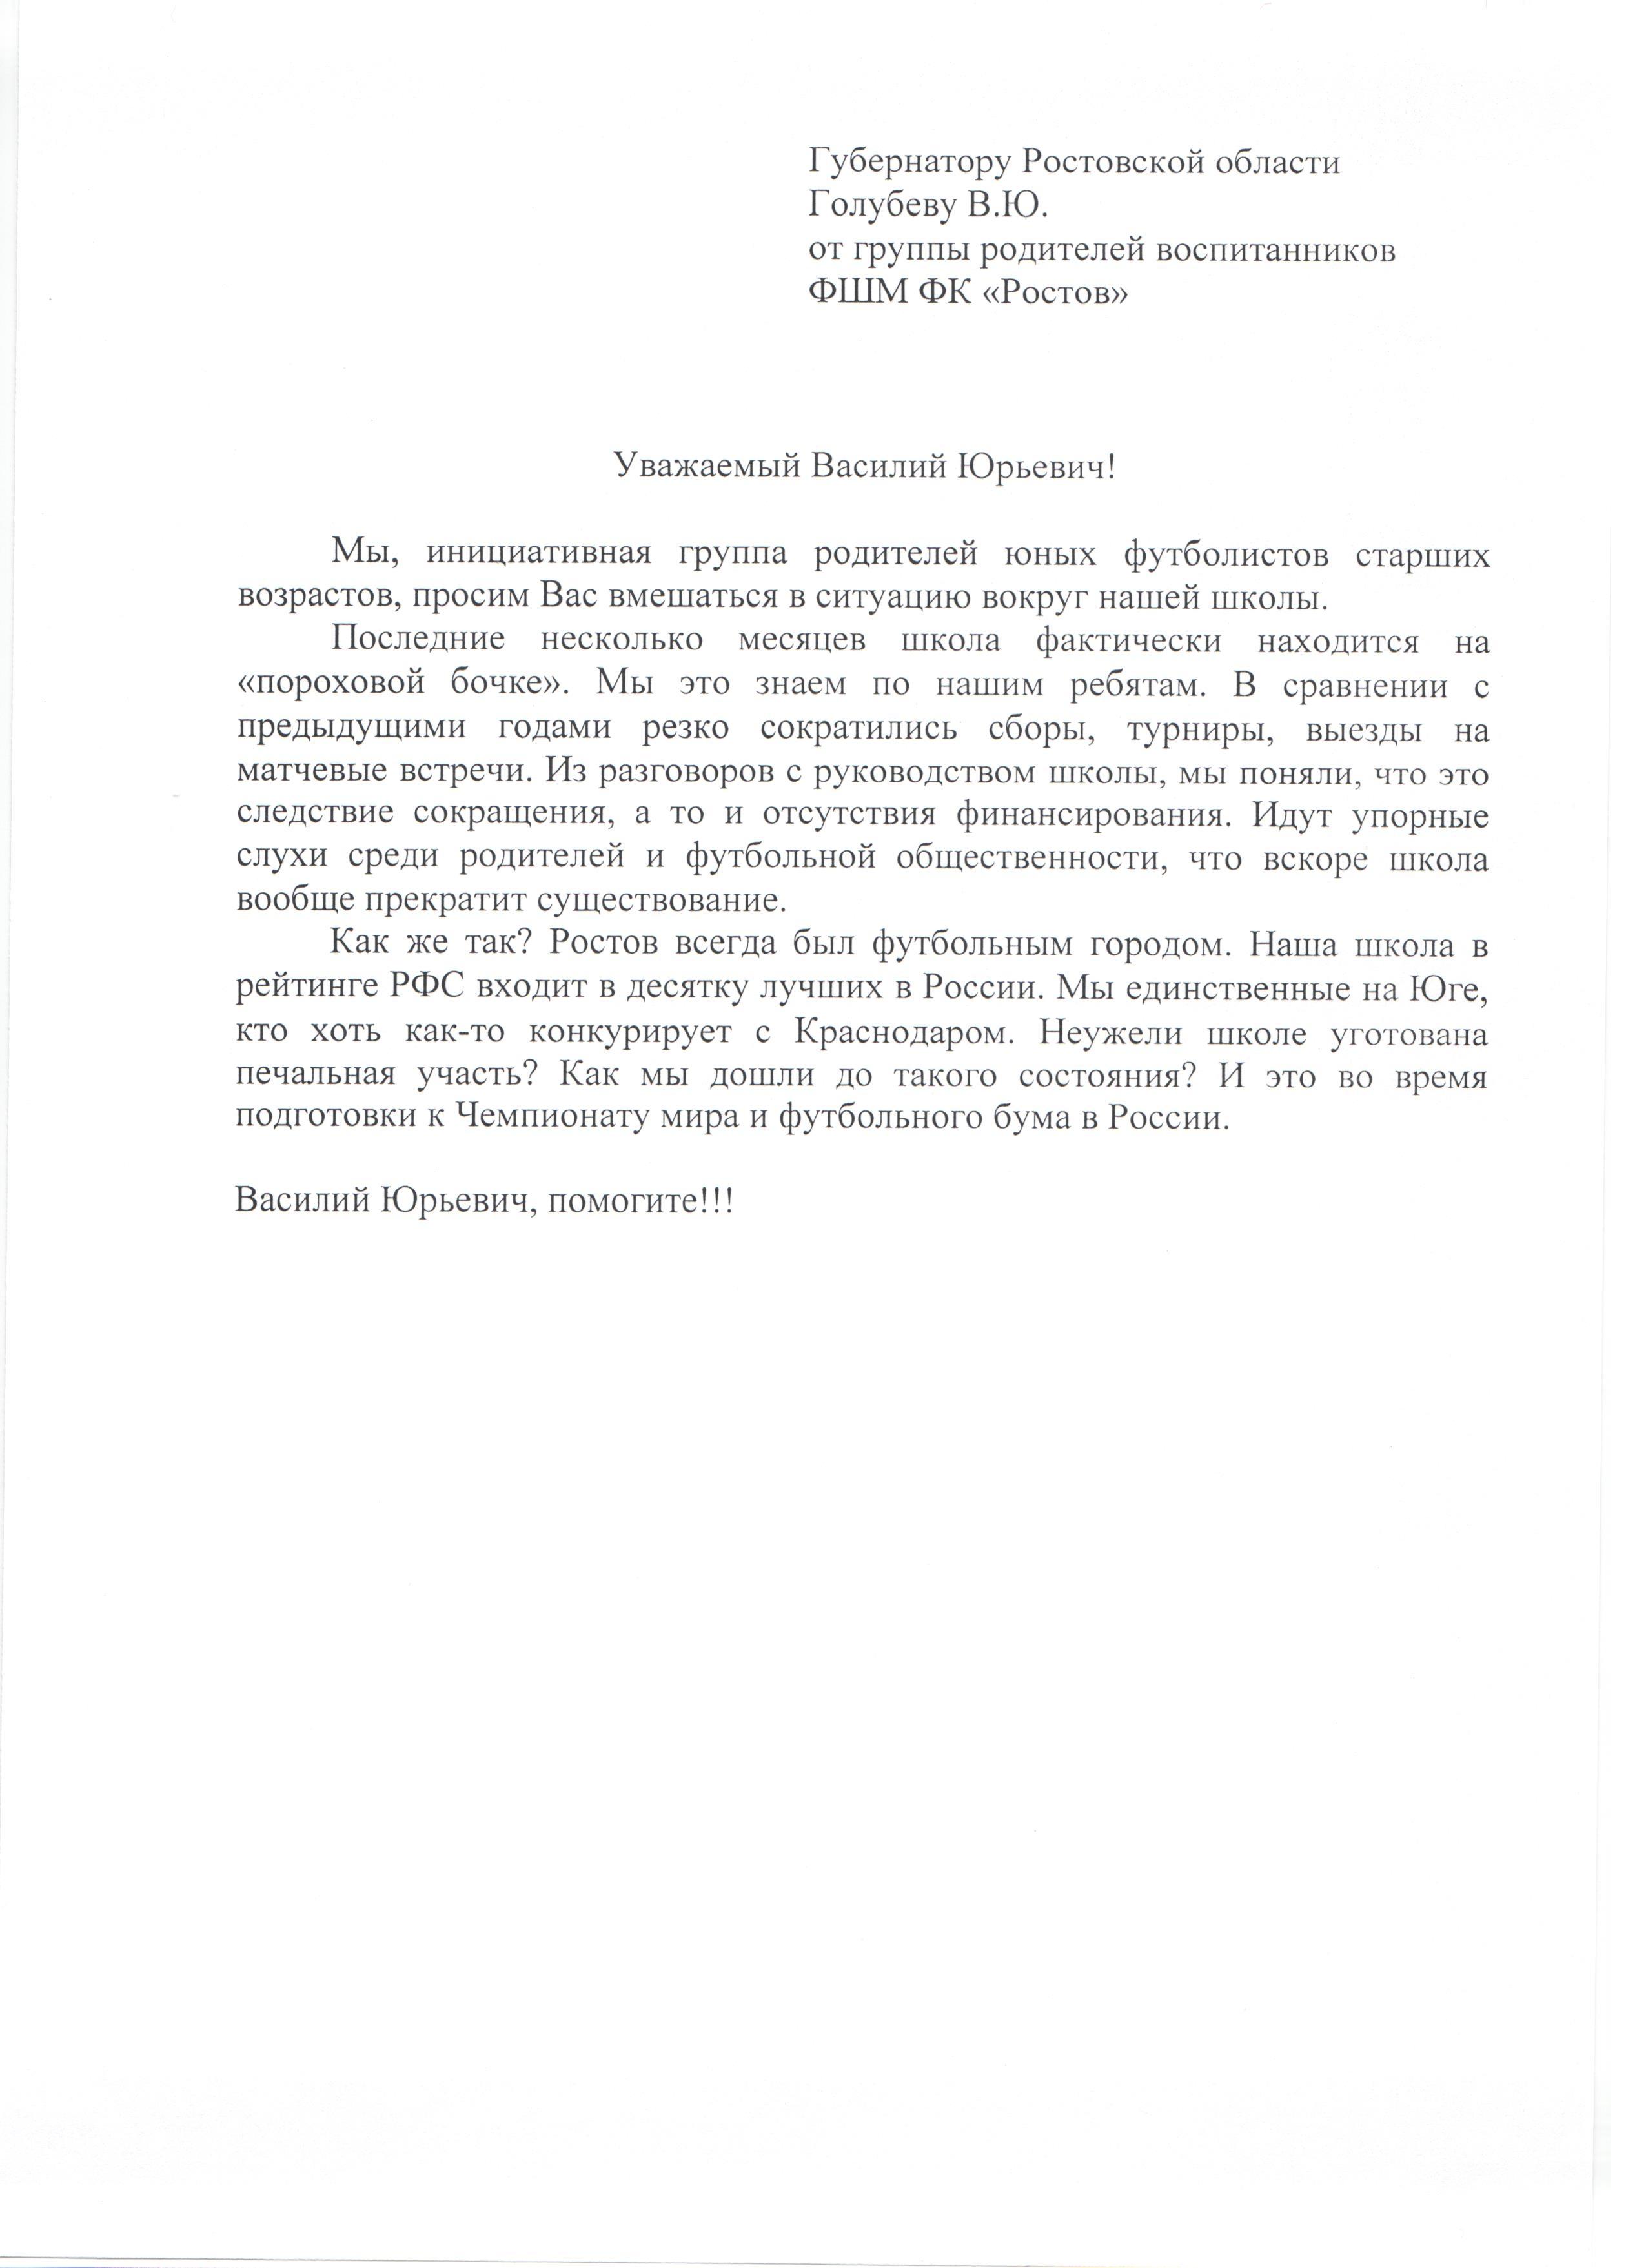 Проститутки таганрога и ростовской области 6 фотография